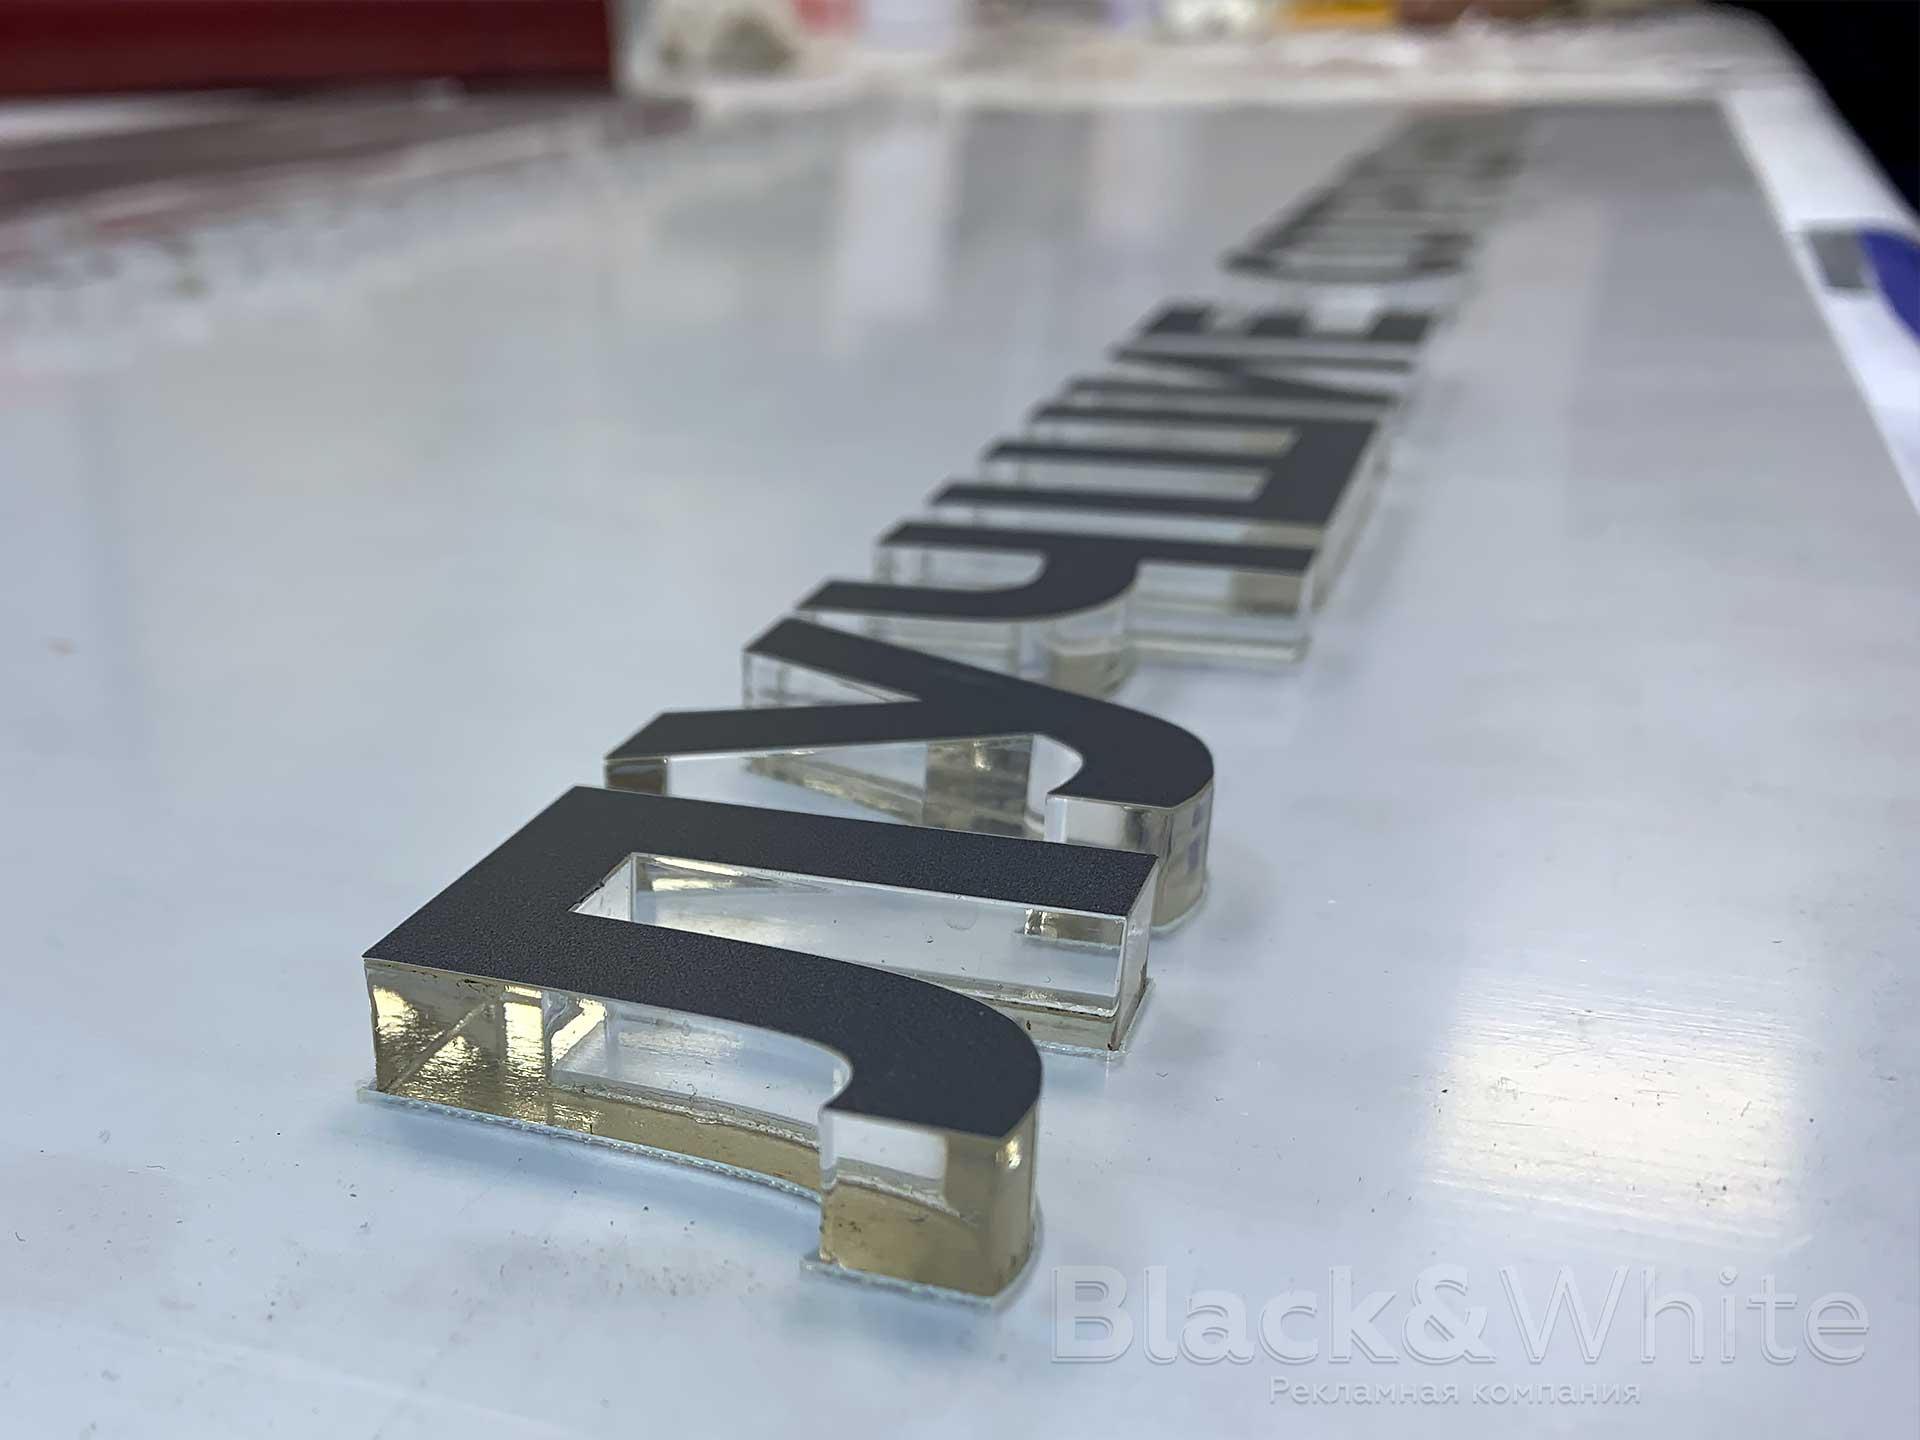 Плоские-псевдообъемные-буквы-из-оргстекла-акрила-в-красноярске-Black-&-White...jpg